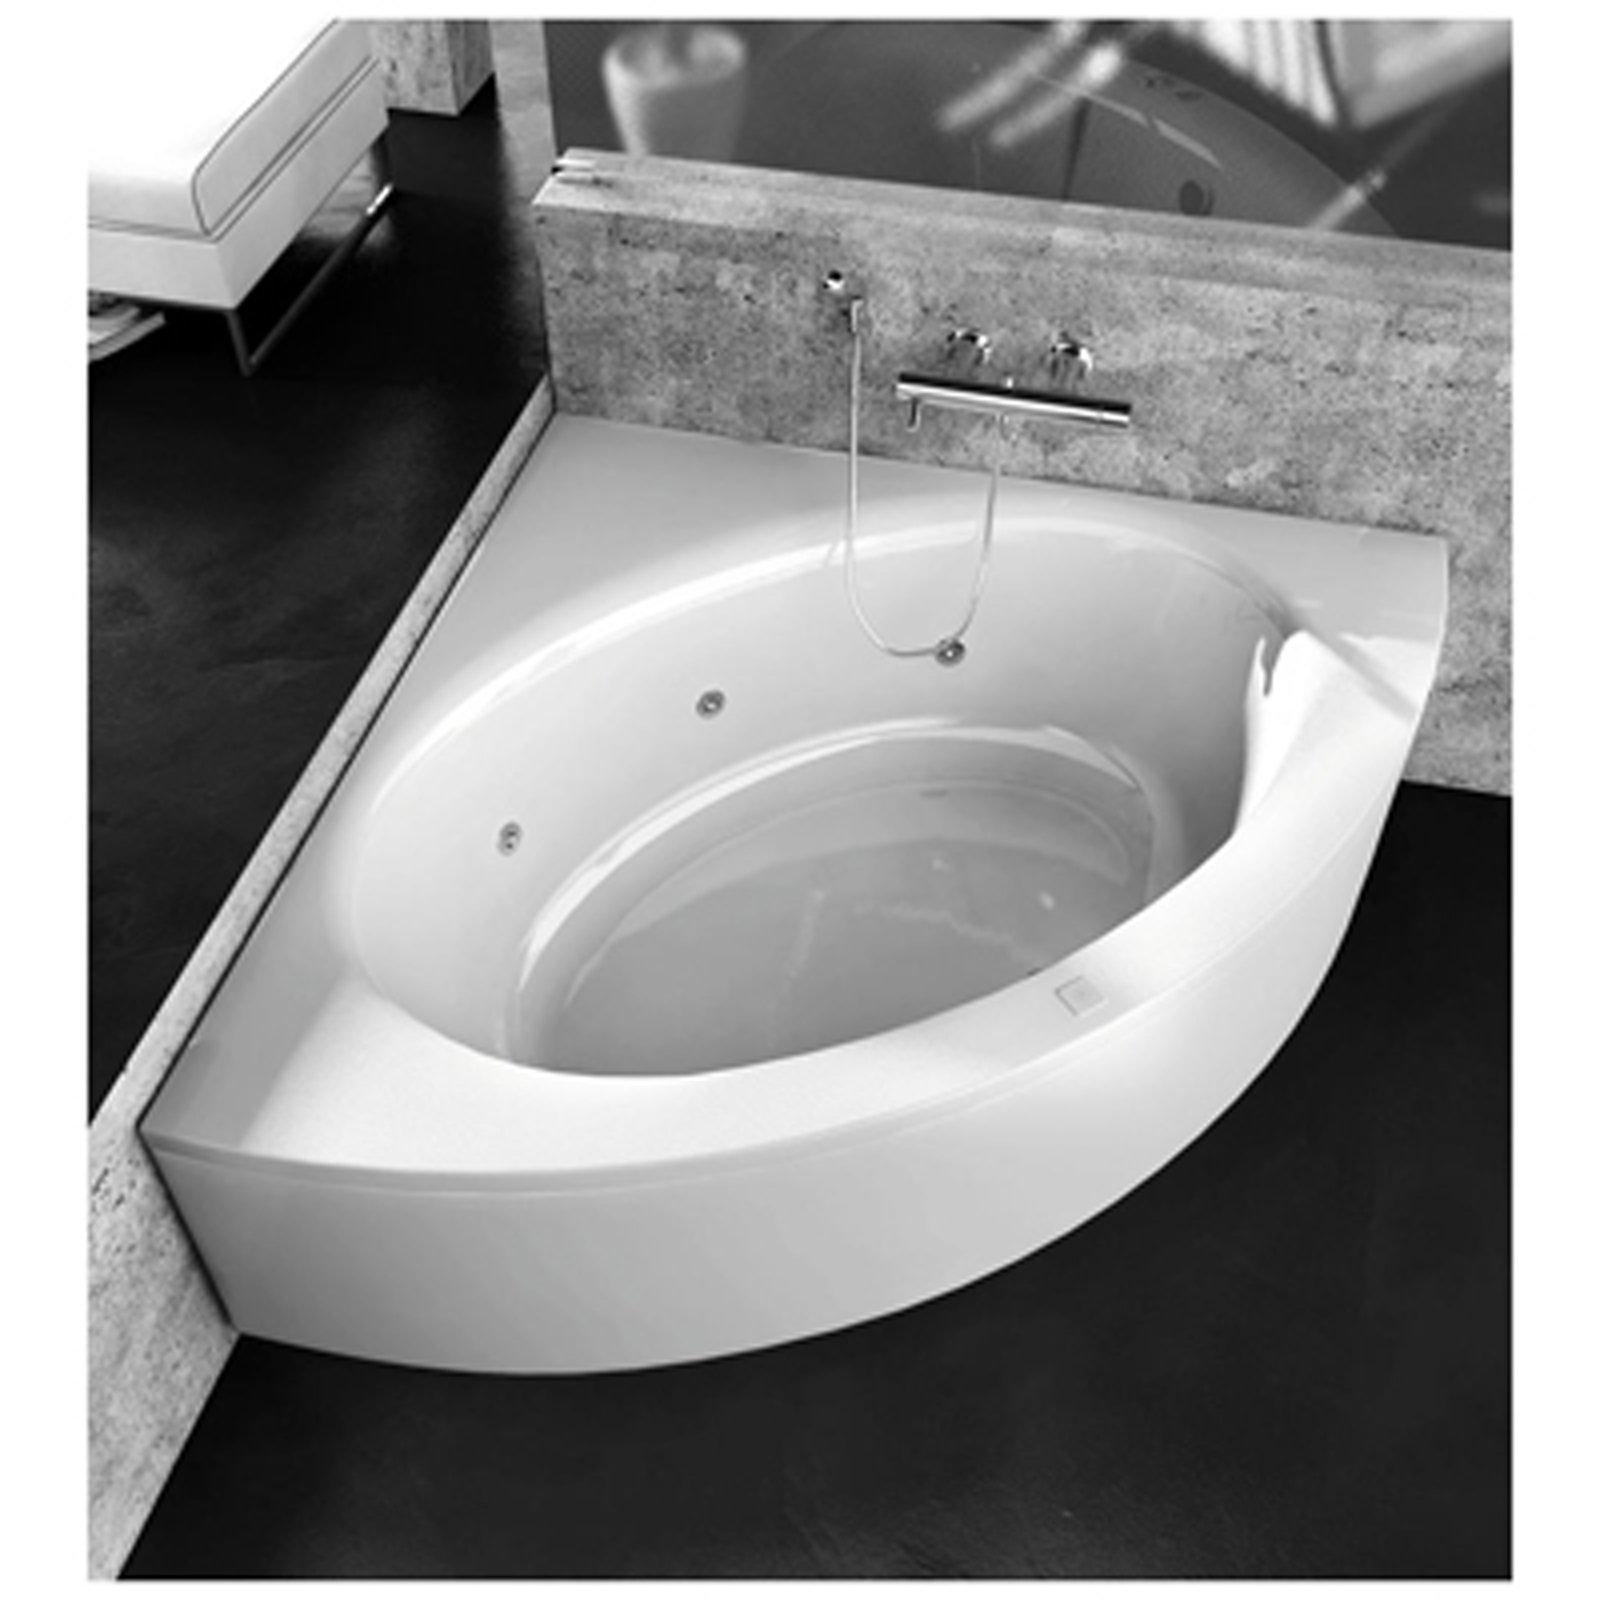 Vasca idromassaggio: cosa serve per installarla? - Cose di Casa